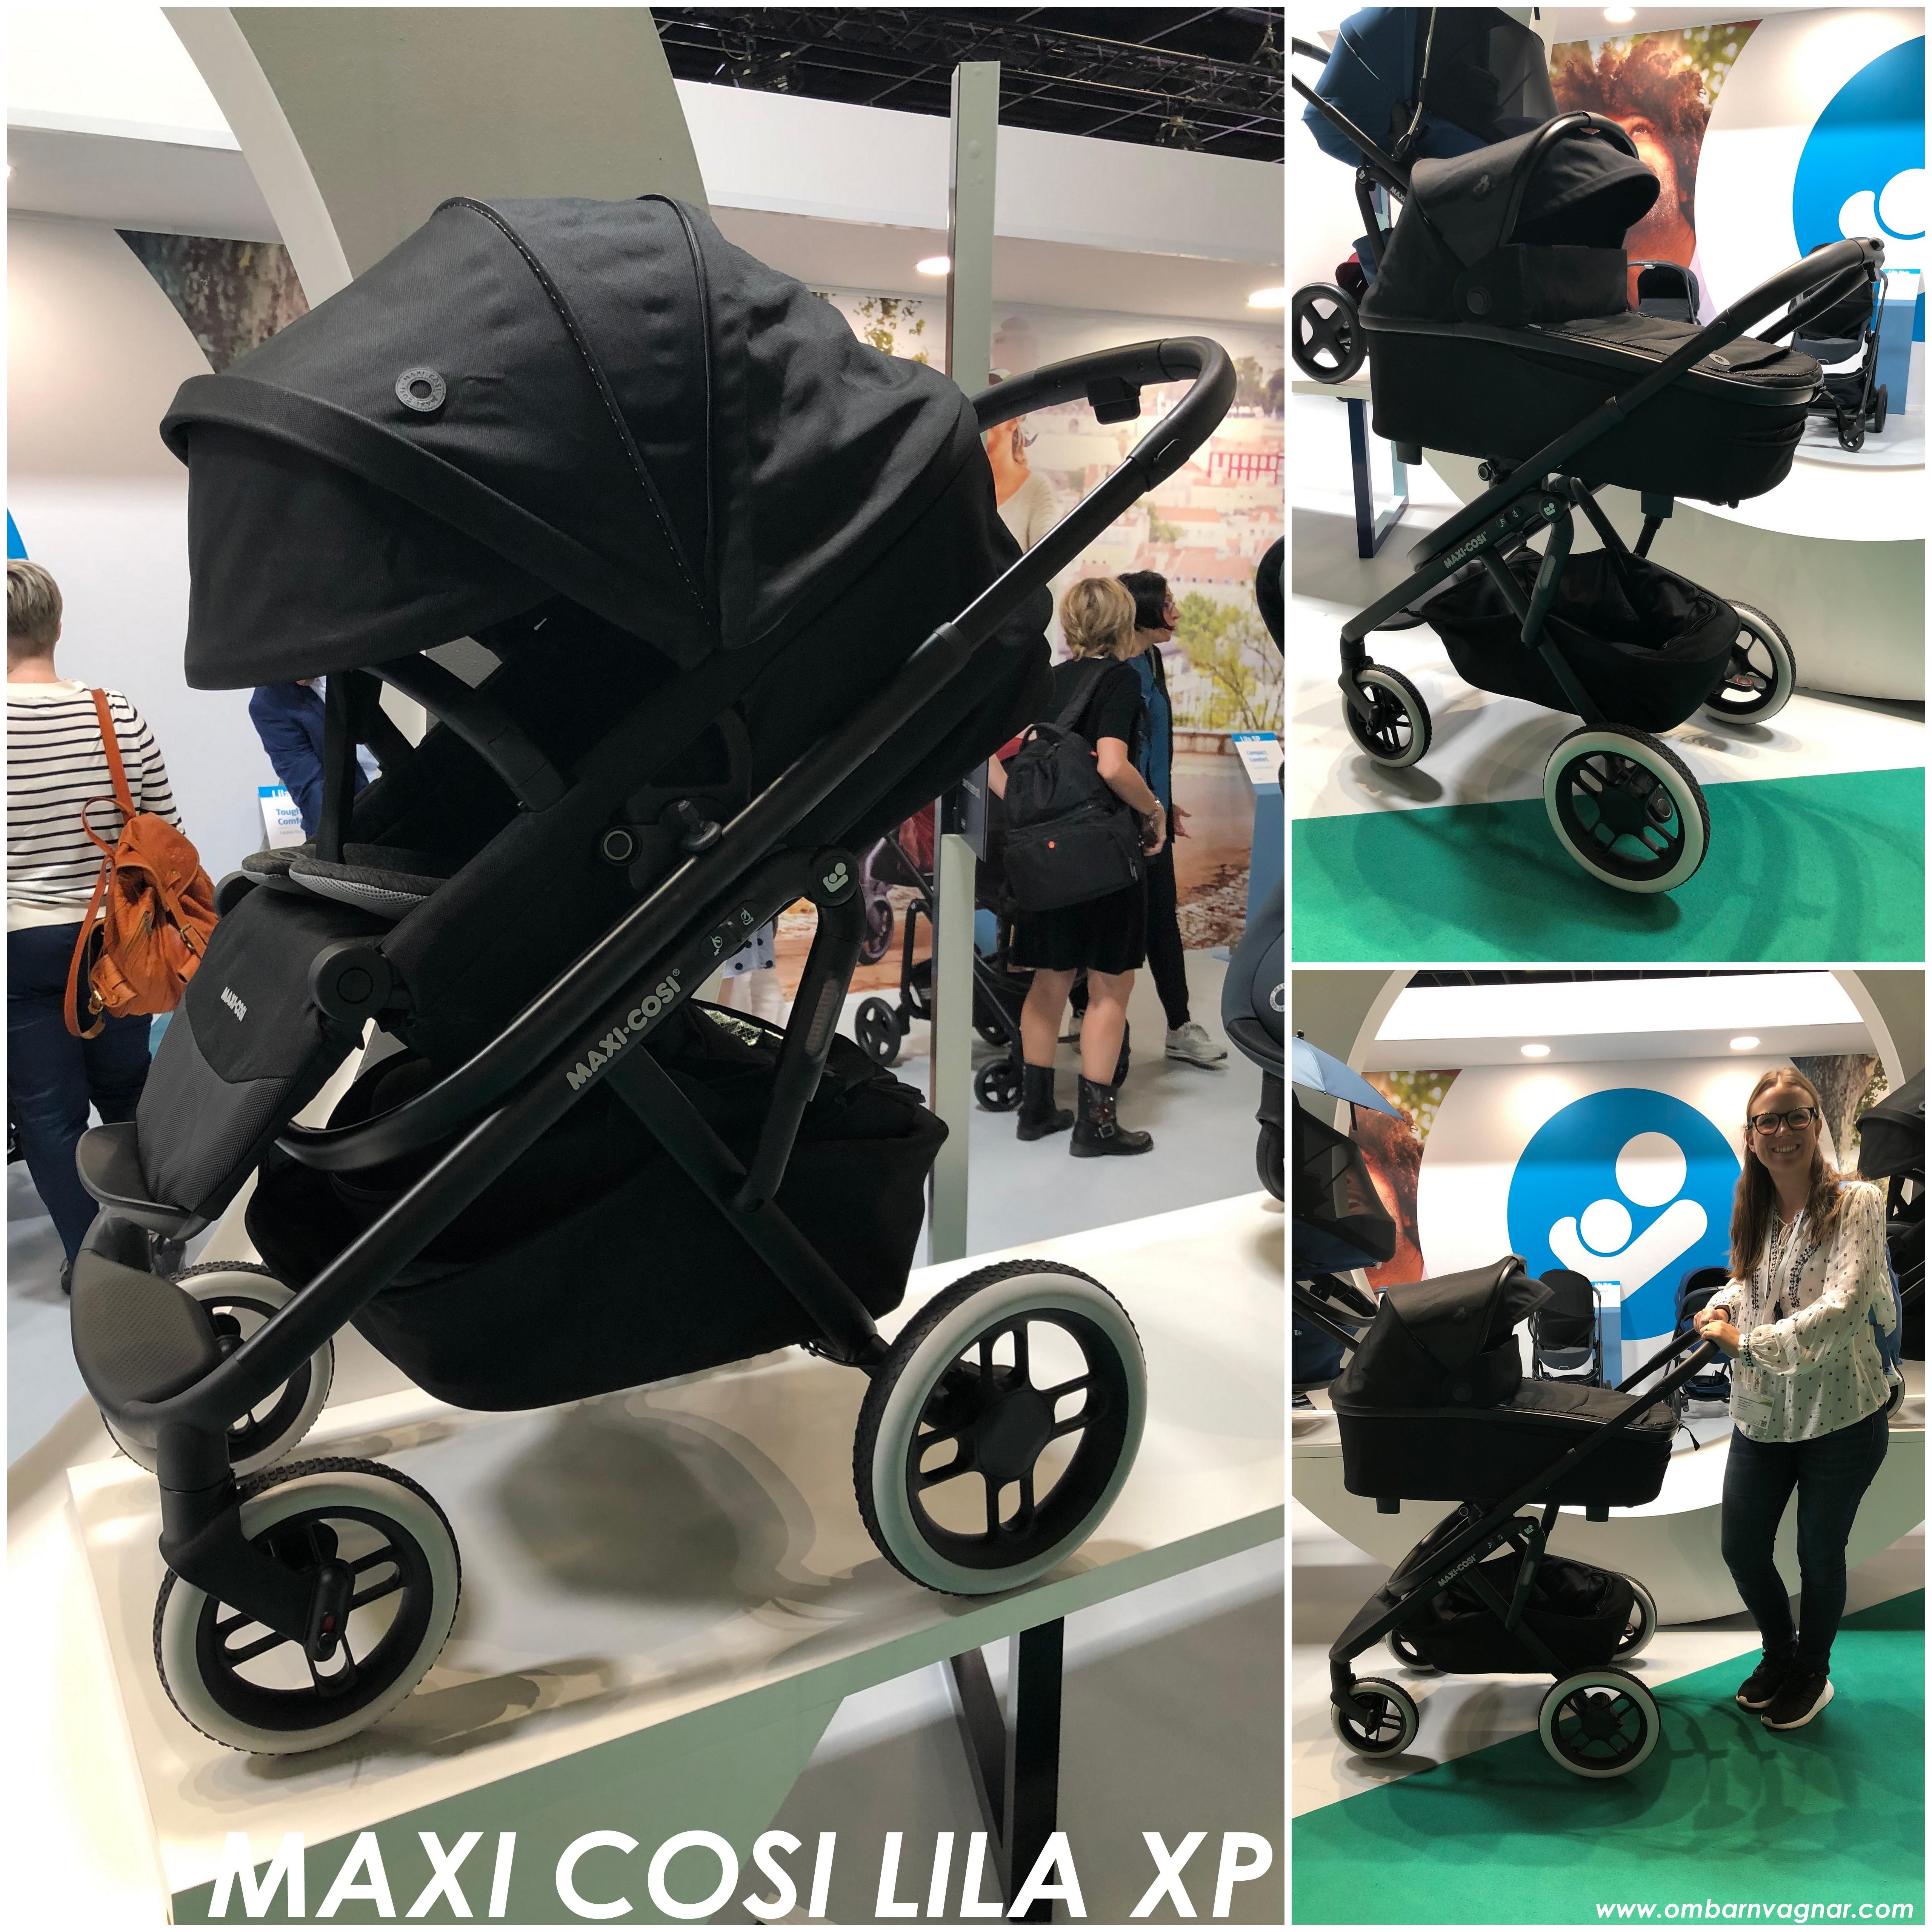 Maxi Cosi Lila XP